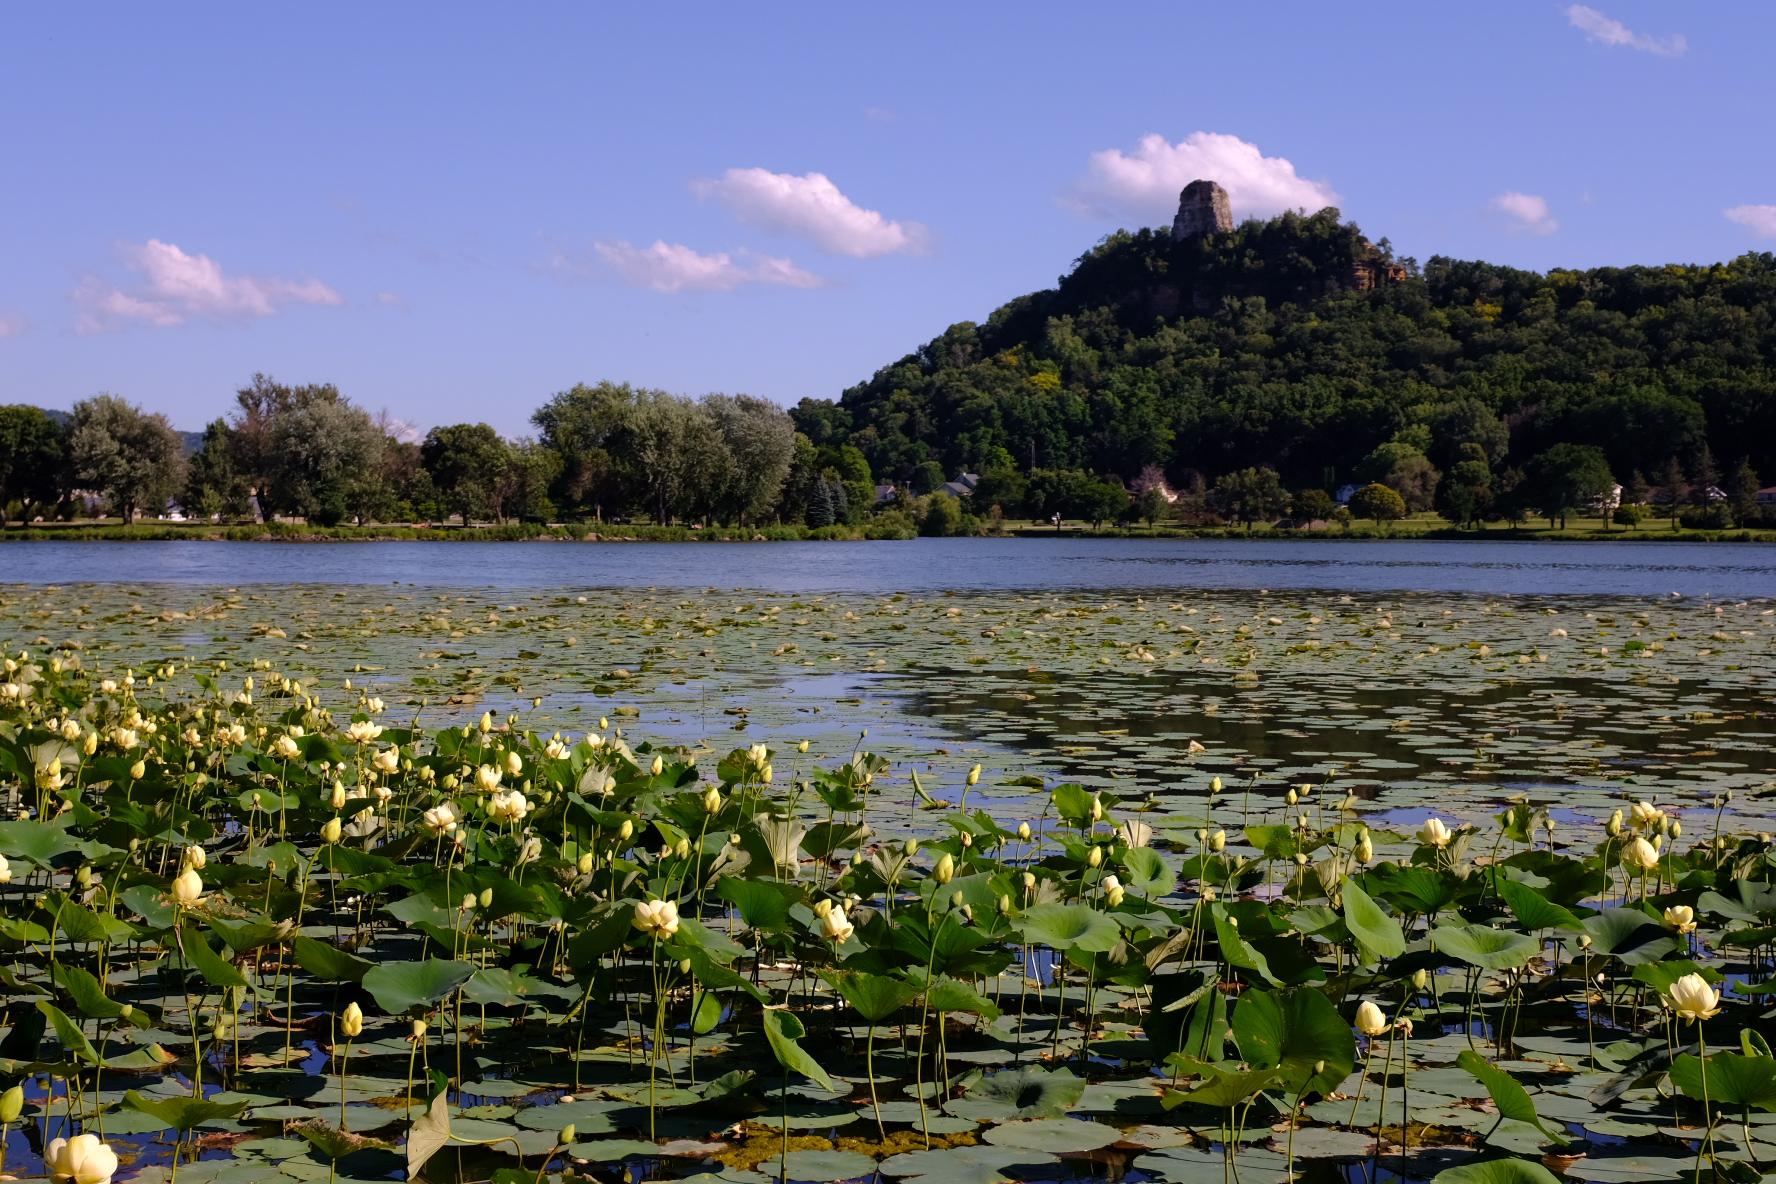 Lake Winona Lilypads Sugarloaf Bluff Southeastern Minnesota Driftless Area